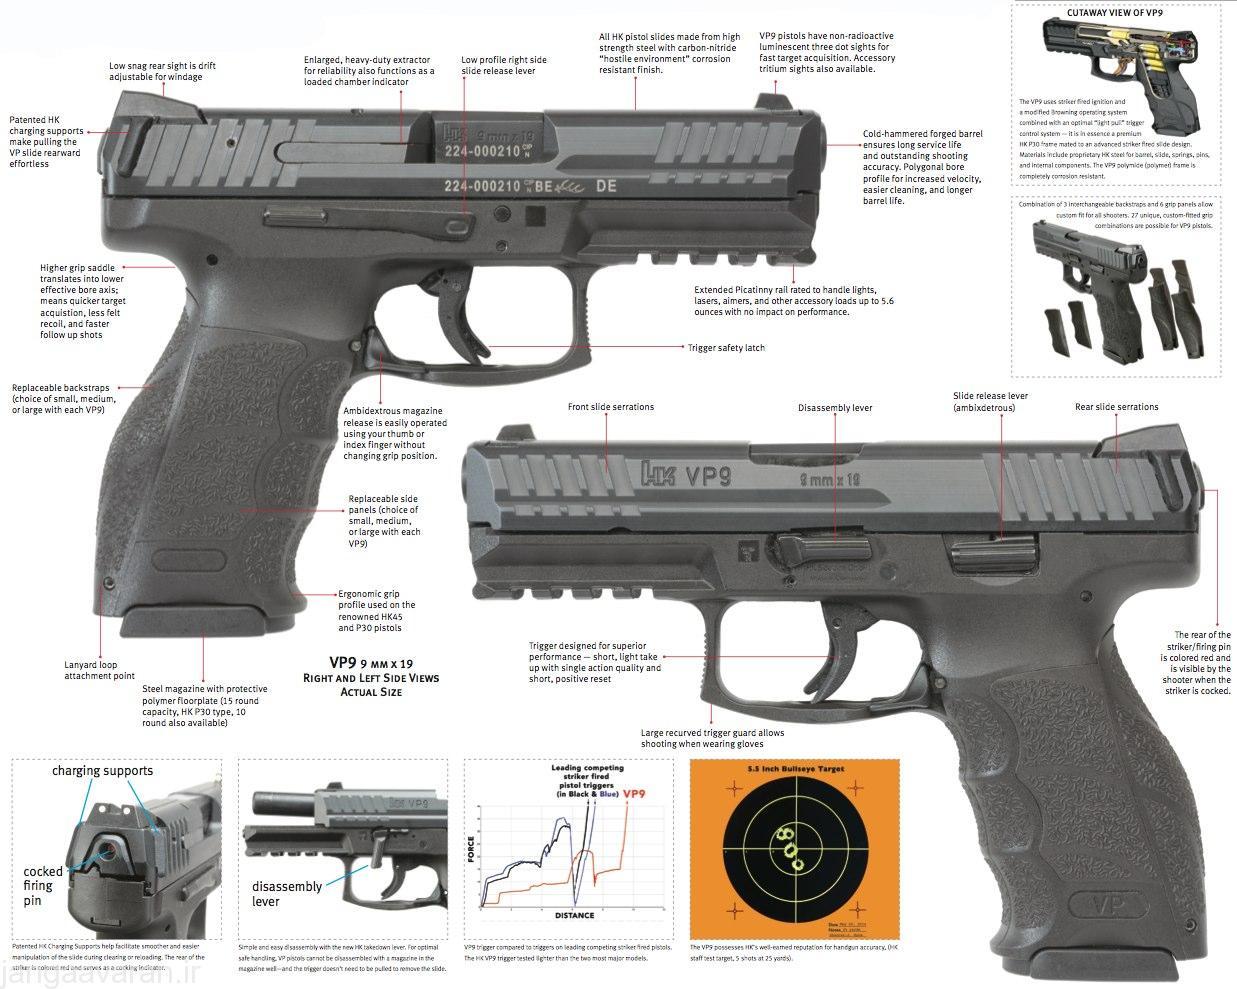 معرفی اسلحه کمری هکلر و کخ VP9